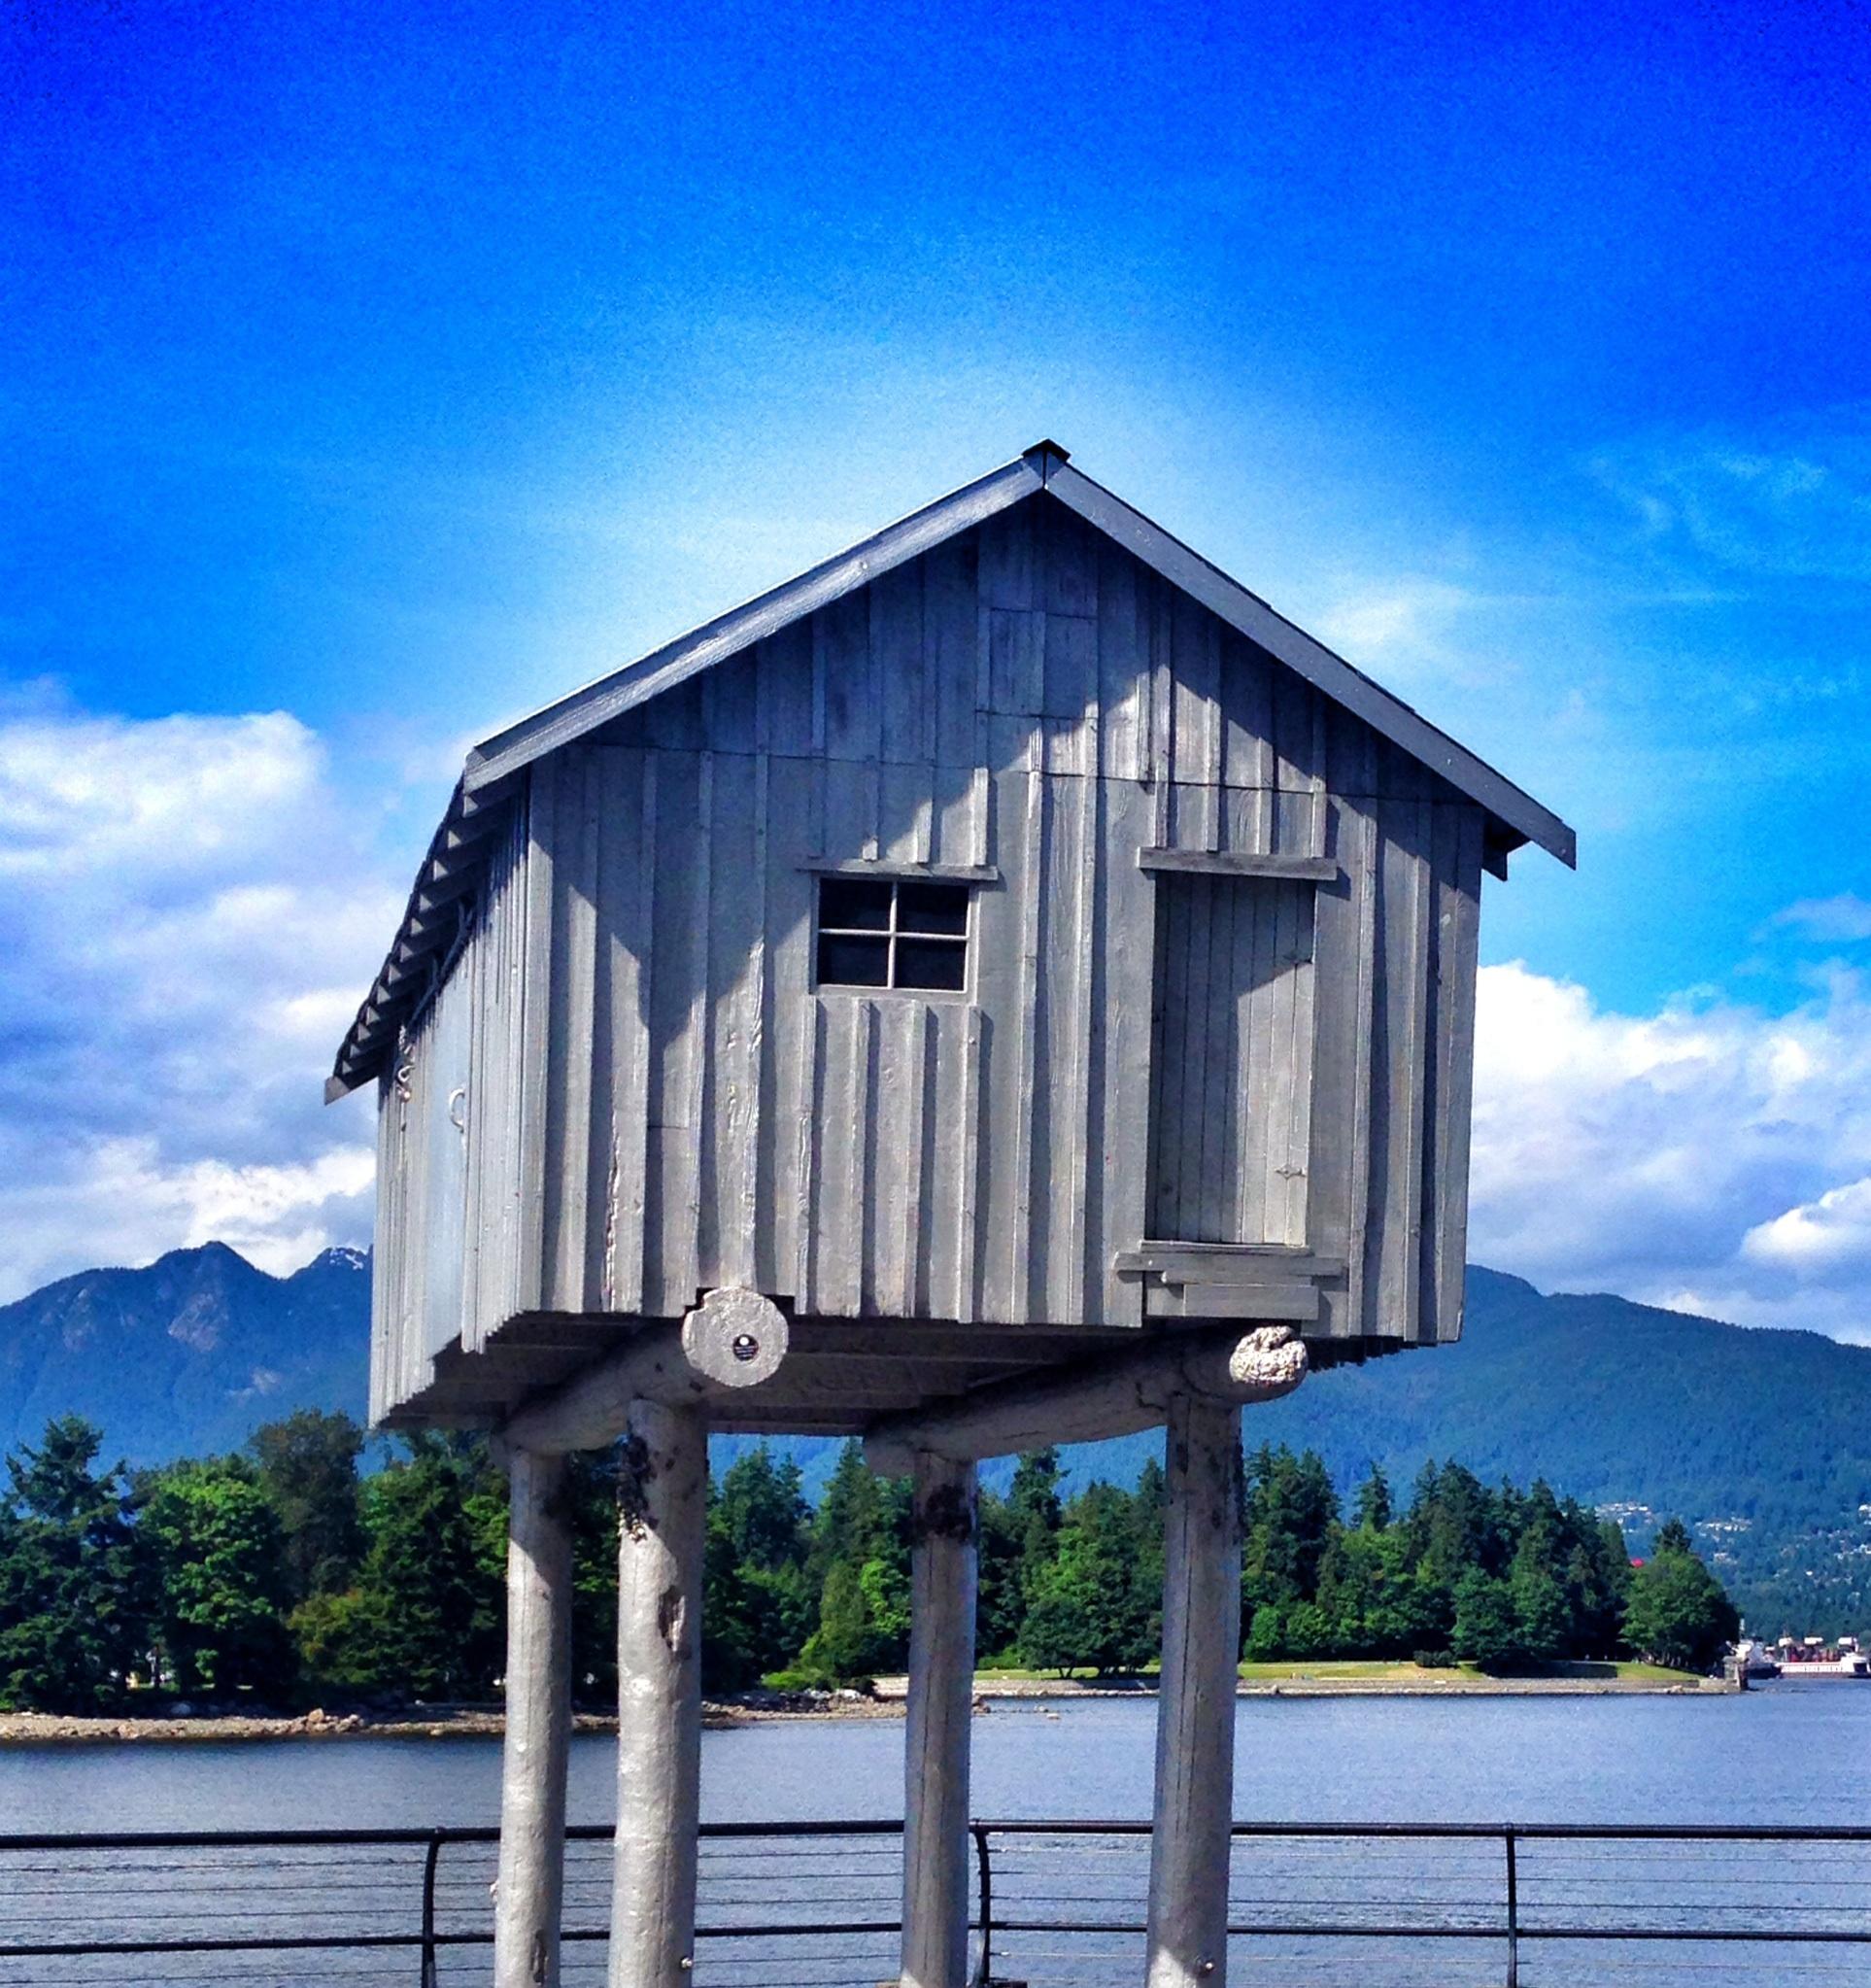 Gratis Afbeeldingen : architectuur, huis, gebouw, schuur, hut, toren ...